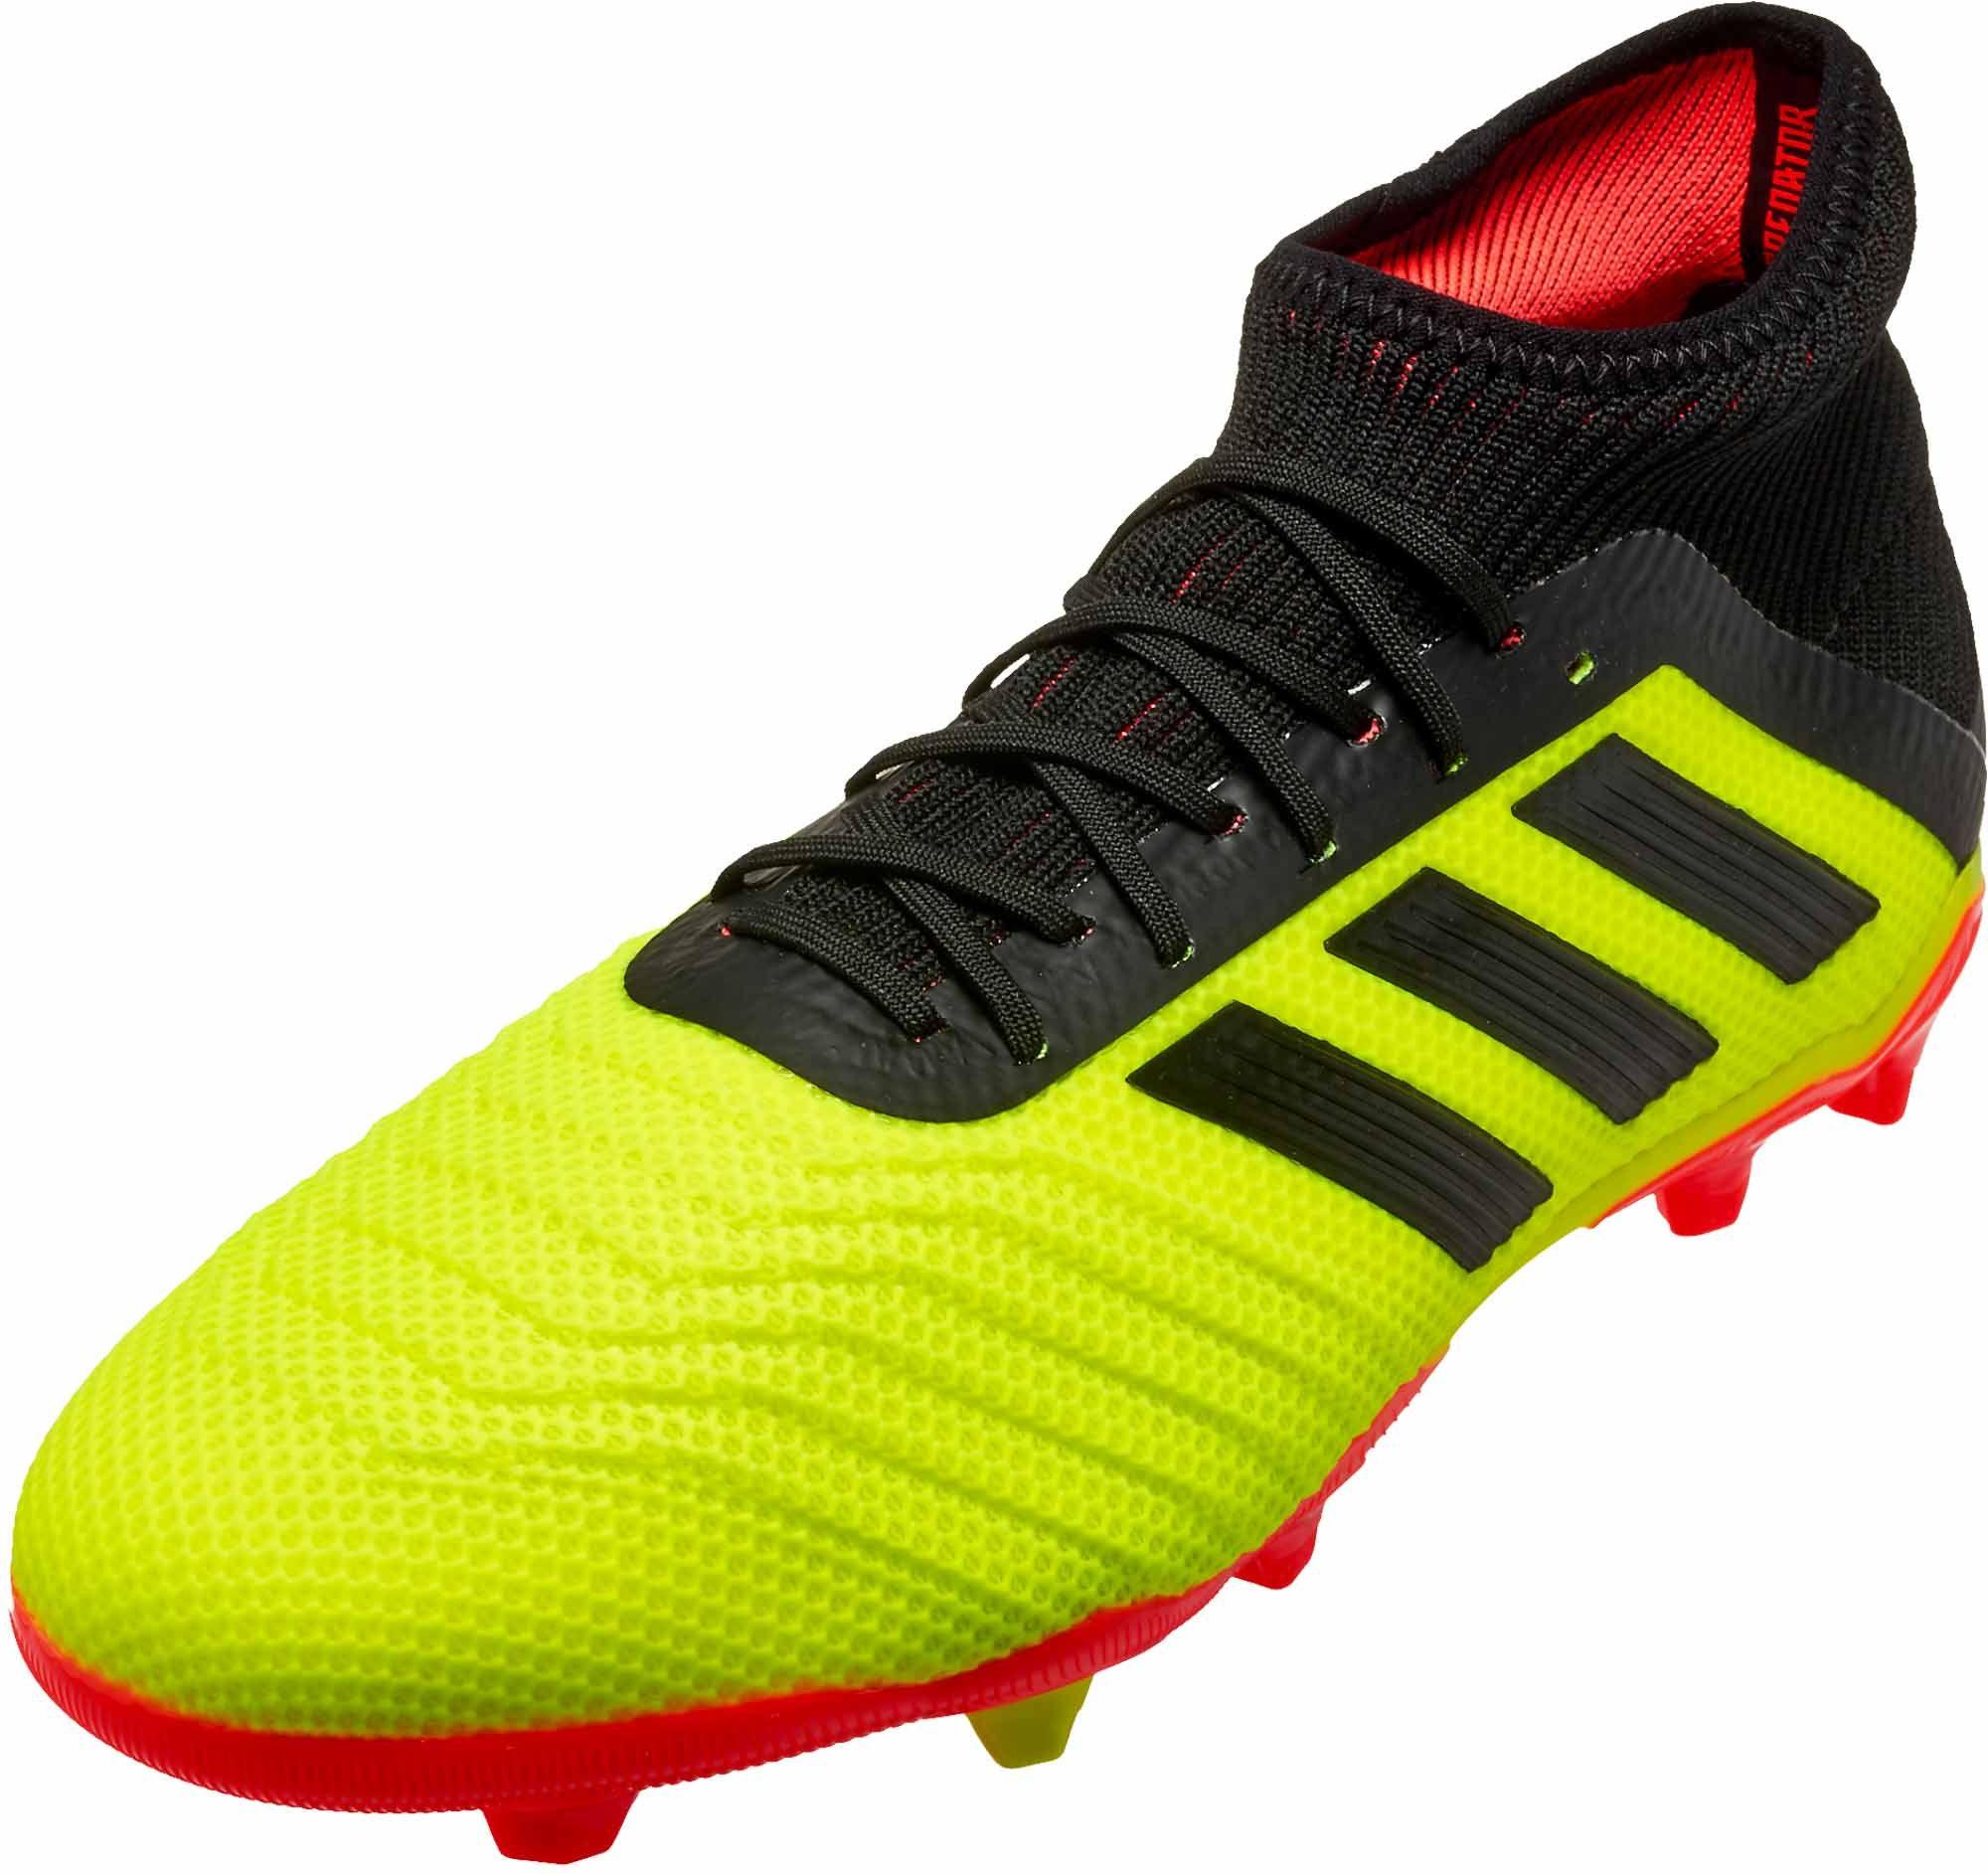 Fußballschuhe Jungen Adidas Predator 18.1 FG Team Mode Pack